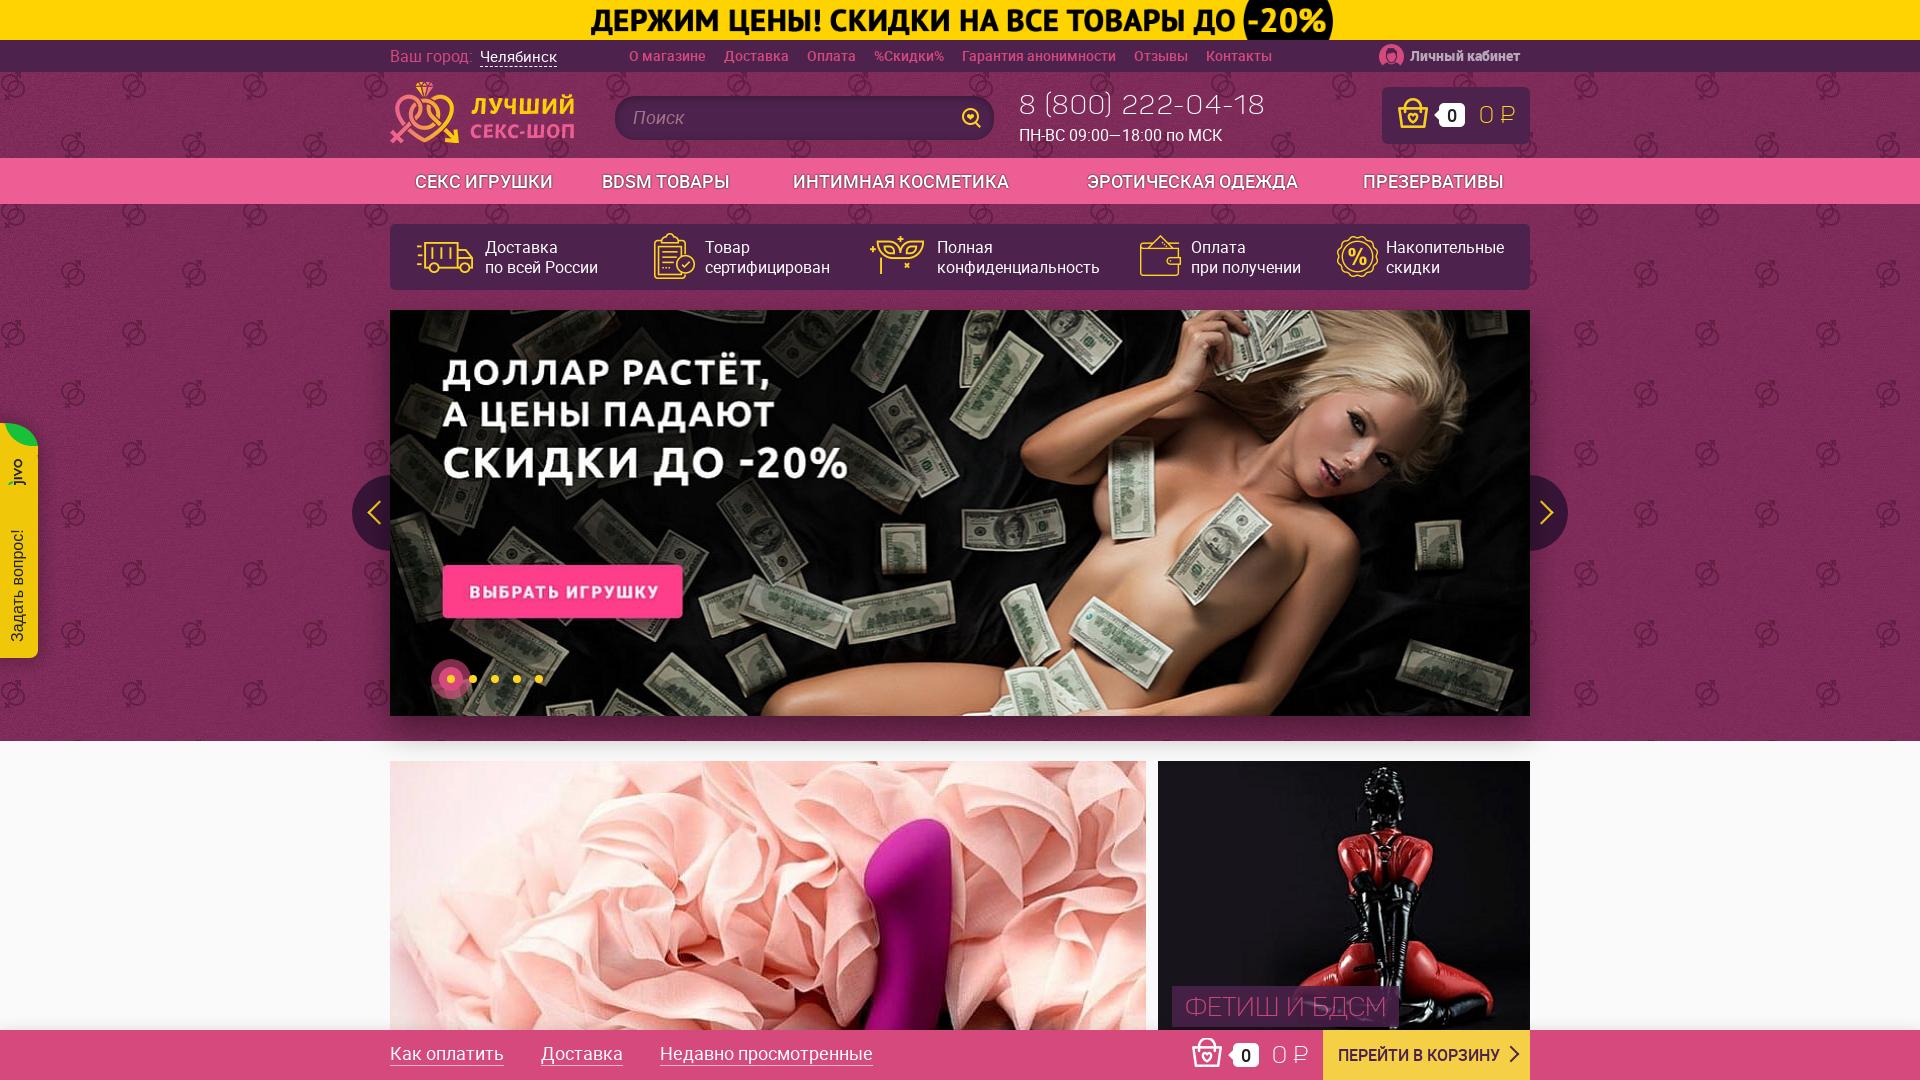 Bestsex-shop website